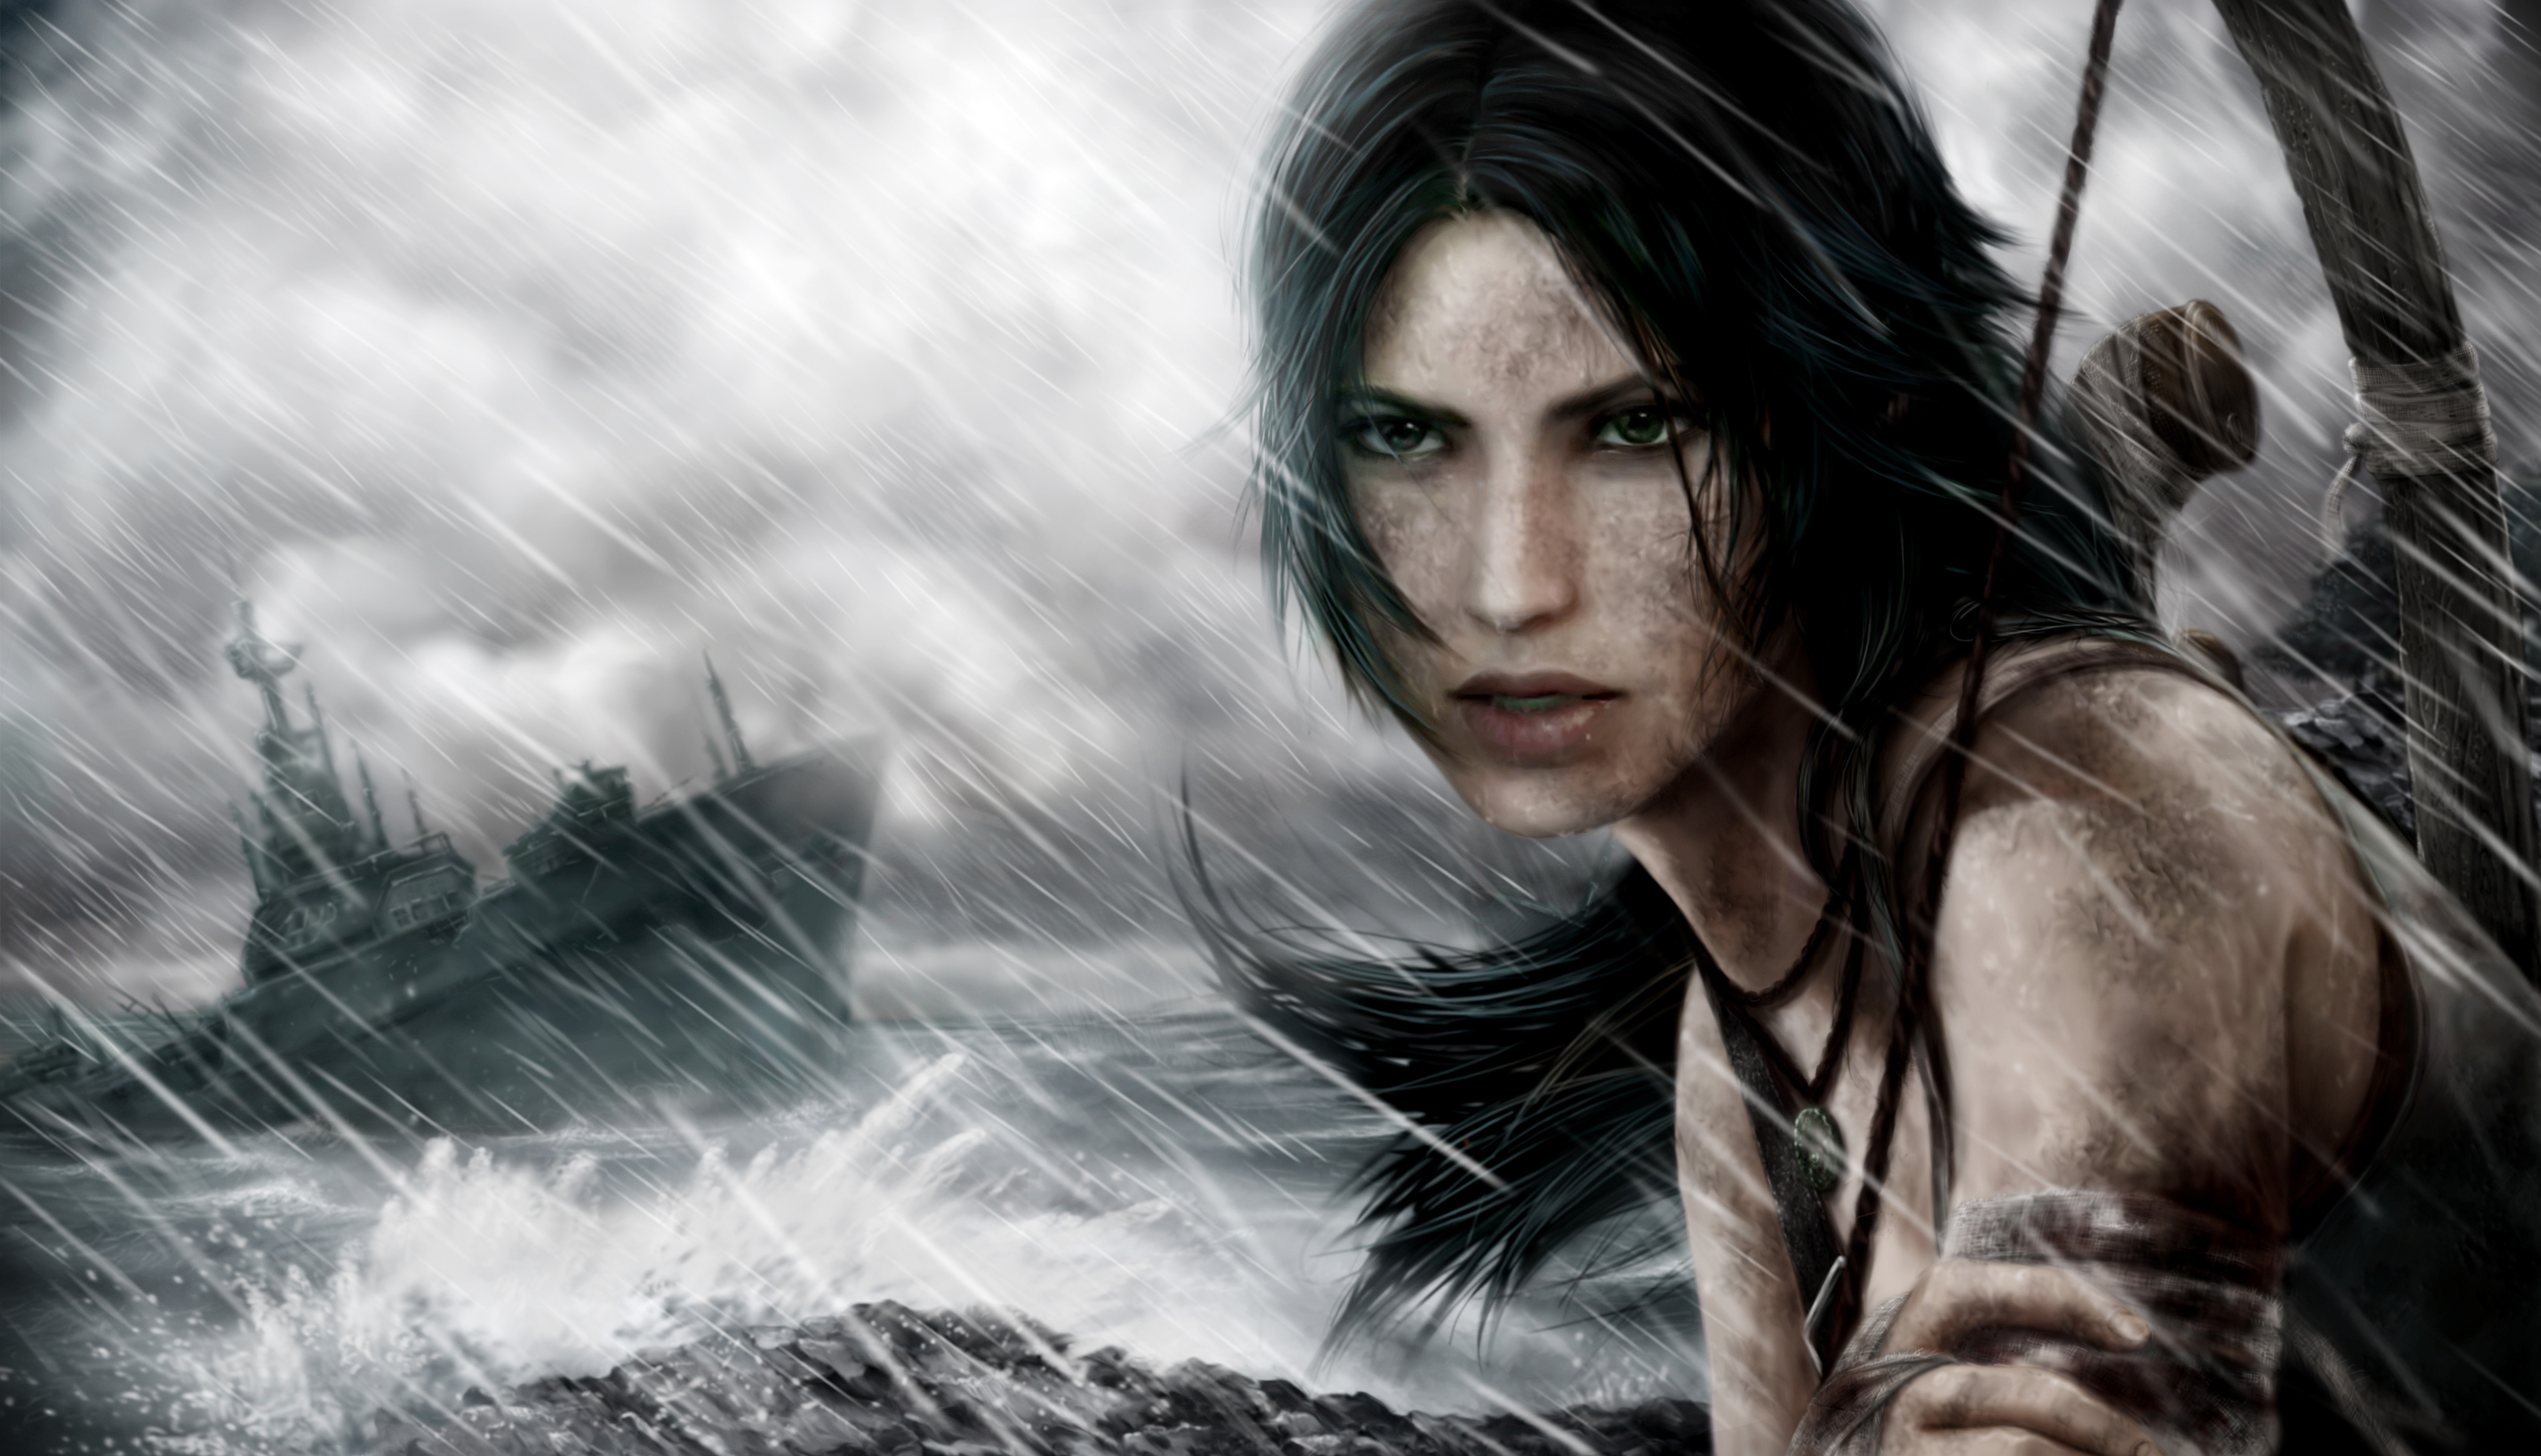 Lara Croft, Tomb Raider, лара крофт, игра обои скачать